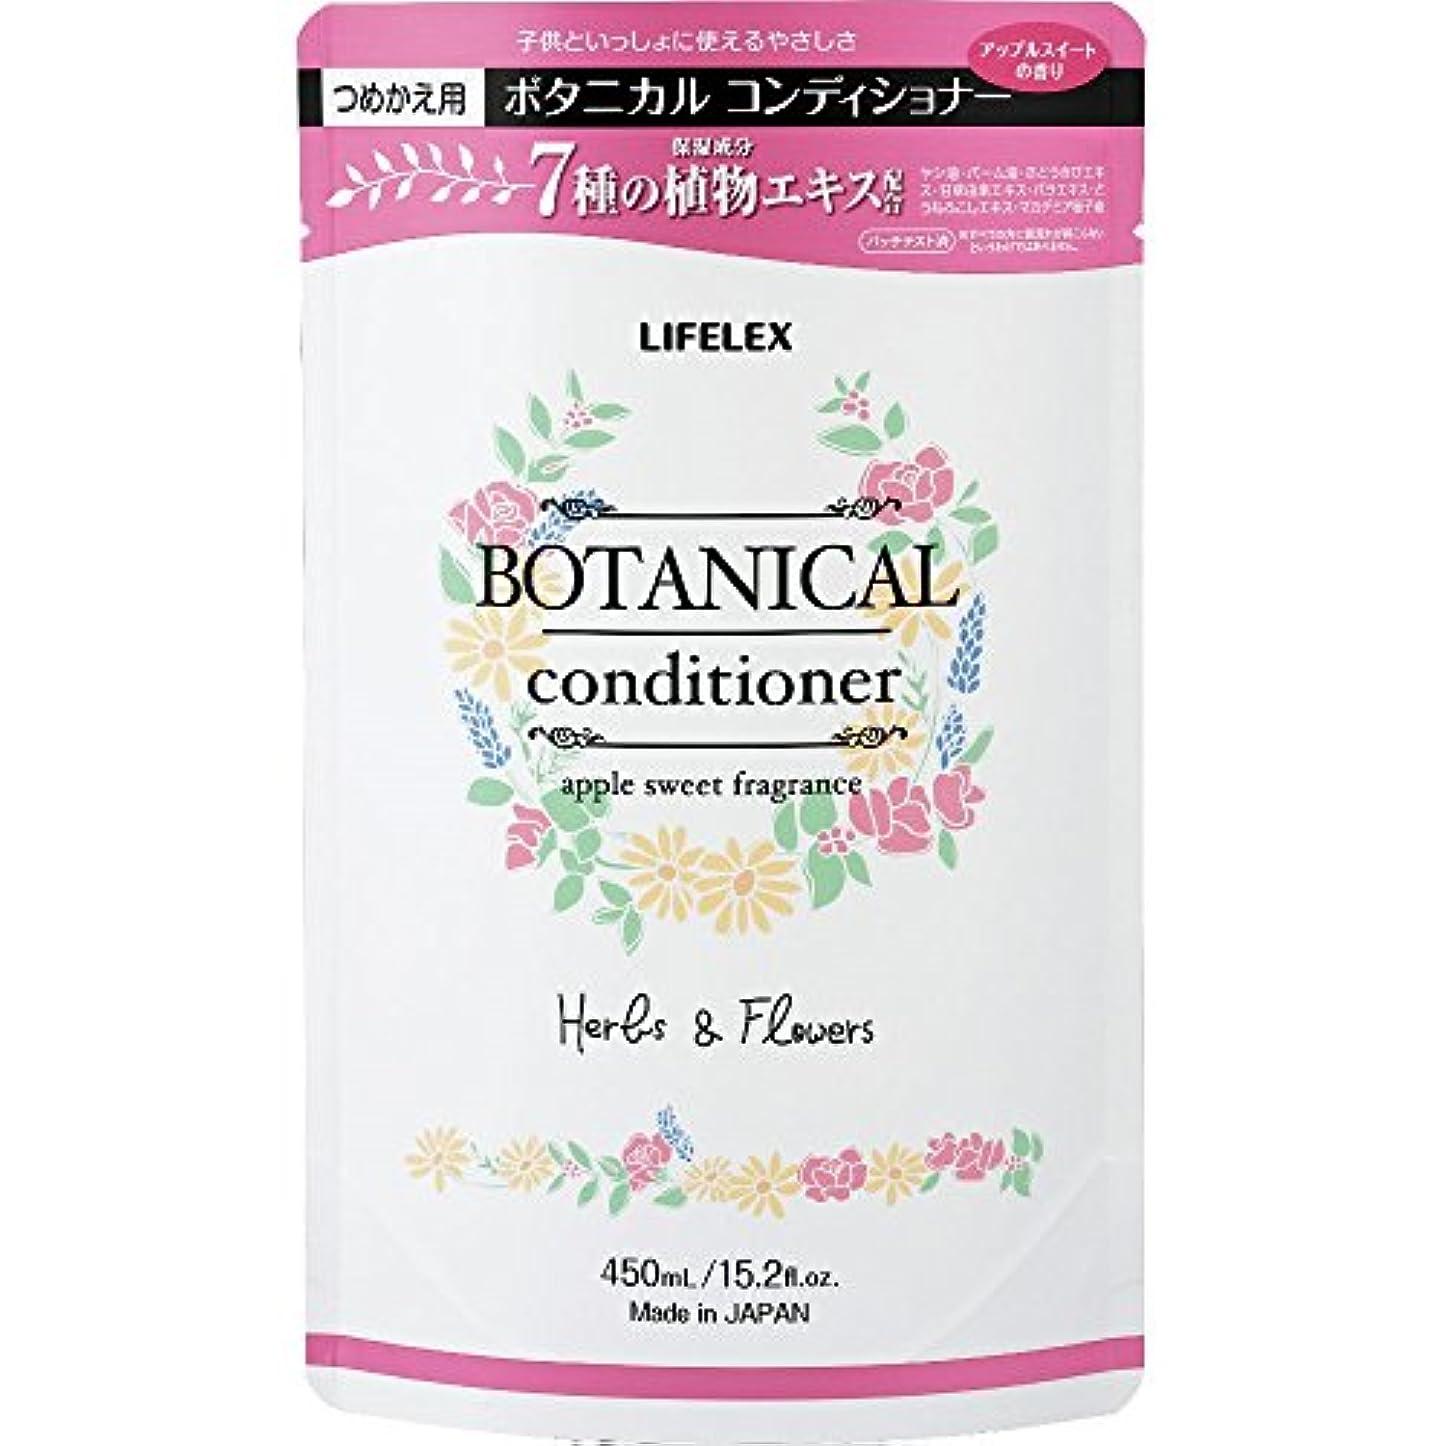 治世努力する十億コーナン オリジナル LIFELEX ボタニカル コンディショナー アップルスイートの香り 詰め替え